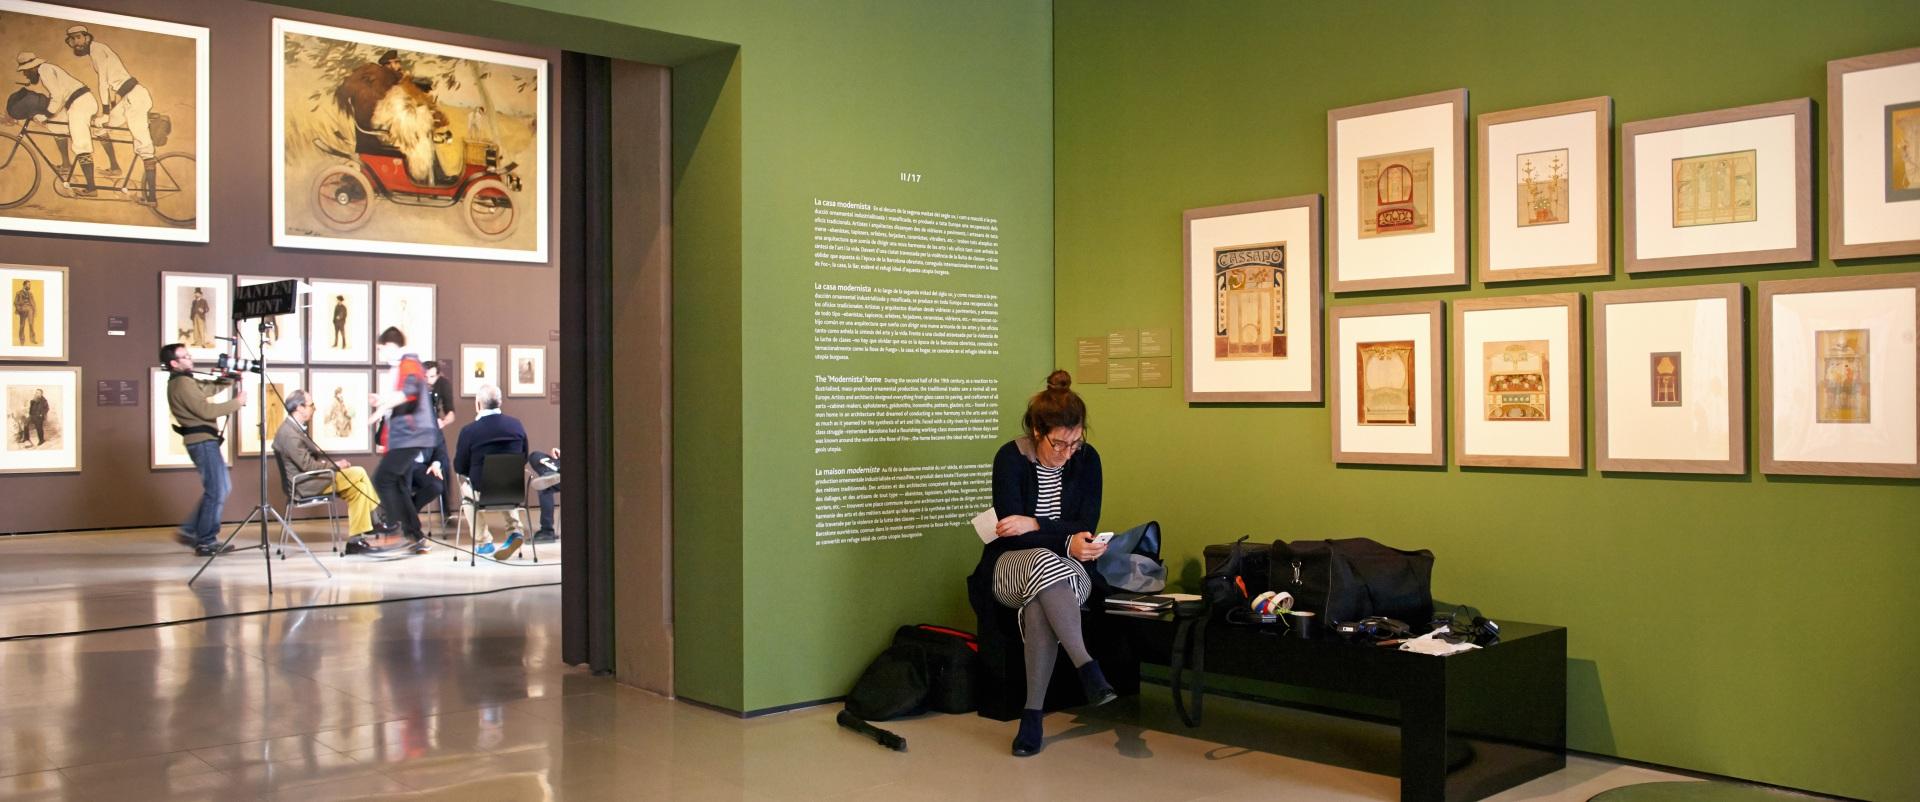 Making of de documental. Ayudante de dirección sentada en una de las salas del Museu Nacional d\'Art de Catalunya. Dibujos de muebles sobre una pared verde. De fondo, comisario, productor y técnicos en torno a cuadros de Ramon Casas y otros artistas de Els Quatre Gats.